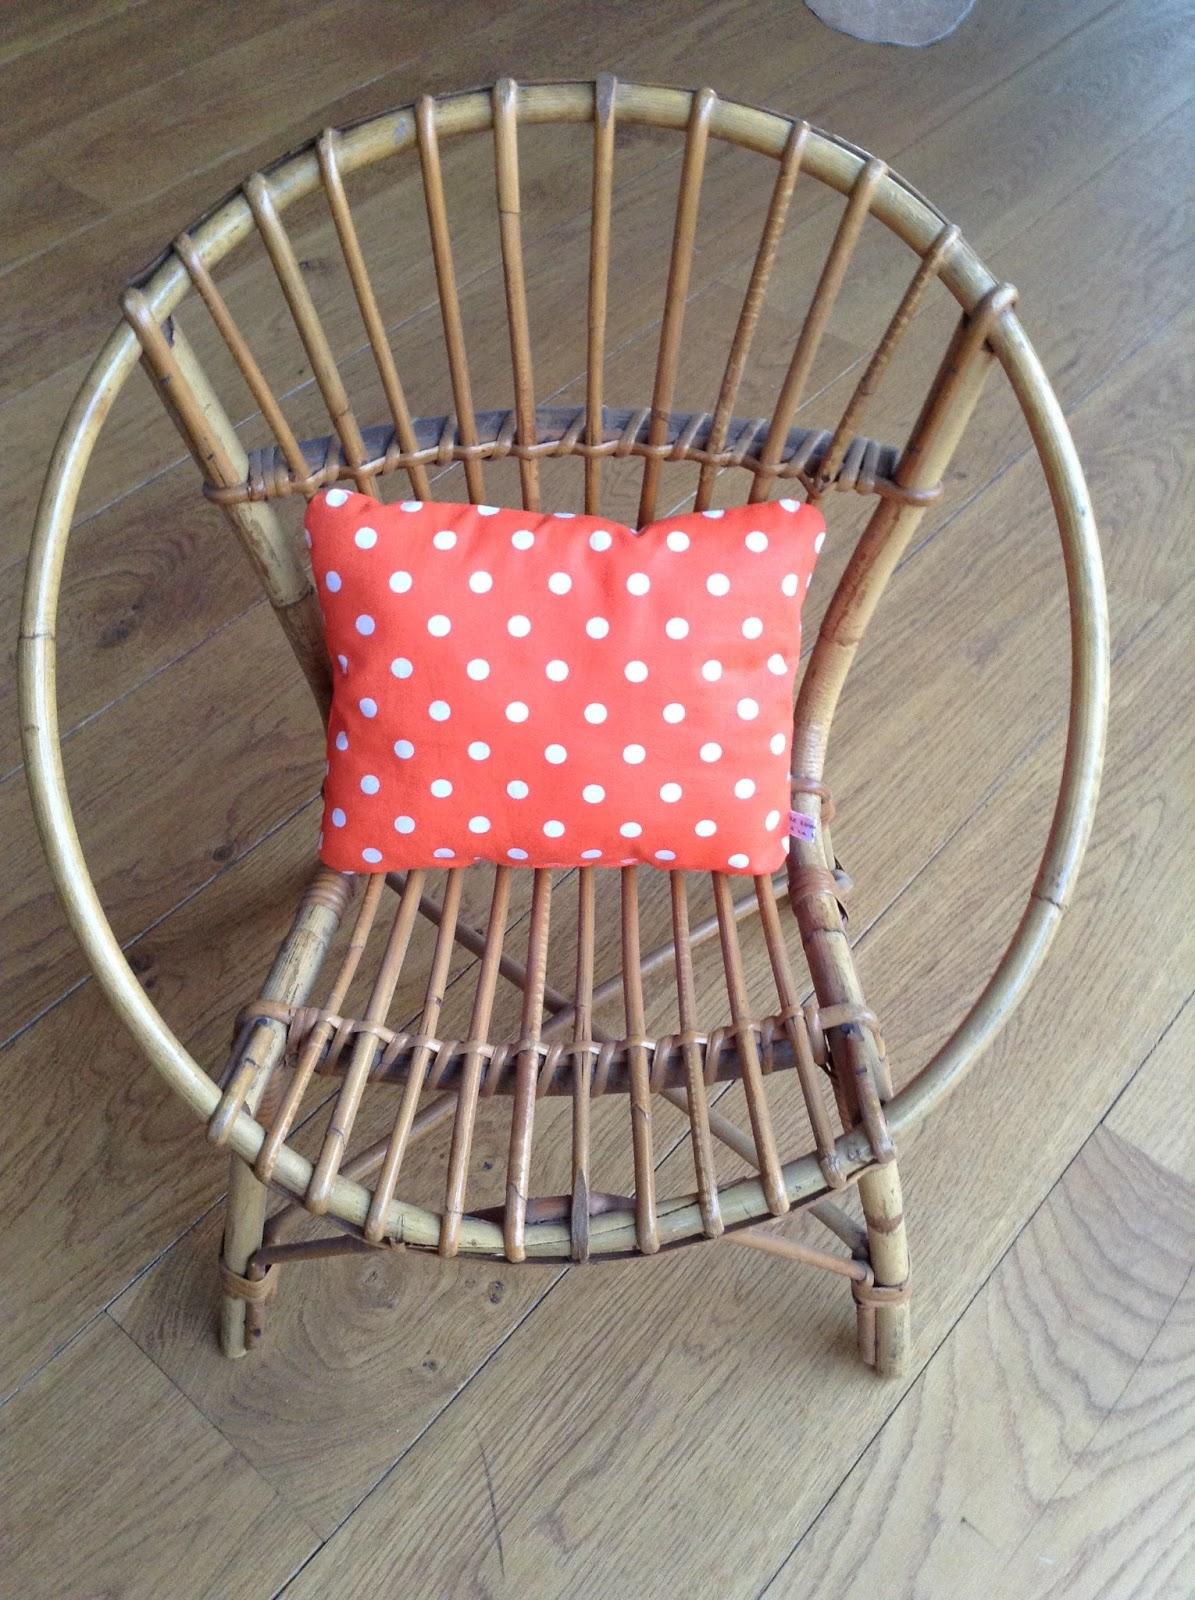 le loup rose la vanille petit fauteuil vintage en rotin. Black Bedroom Furniture Sets. Home Design Ideas